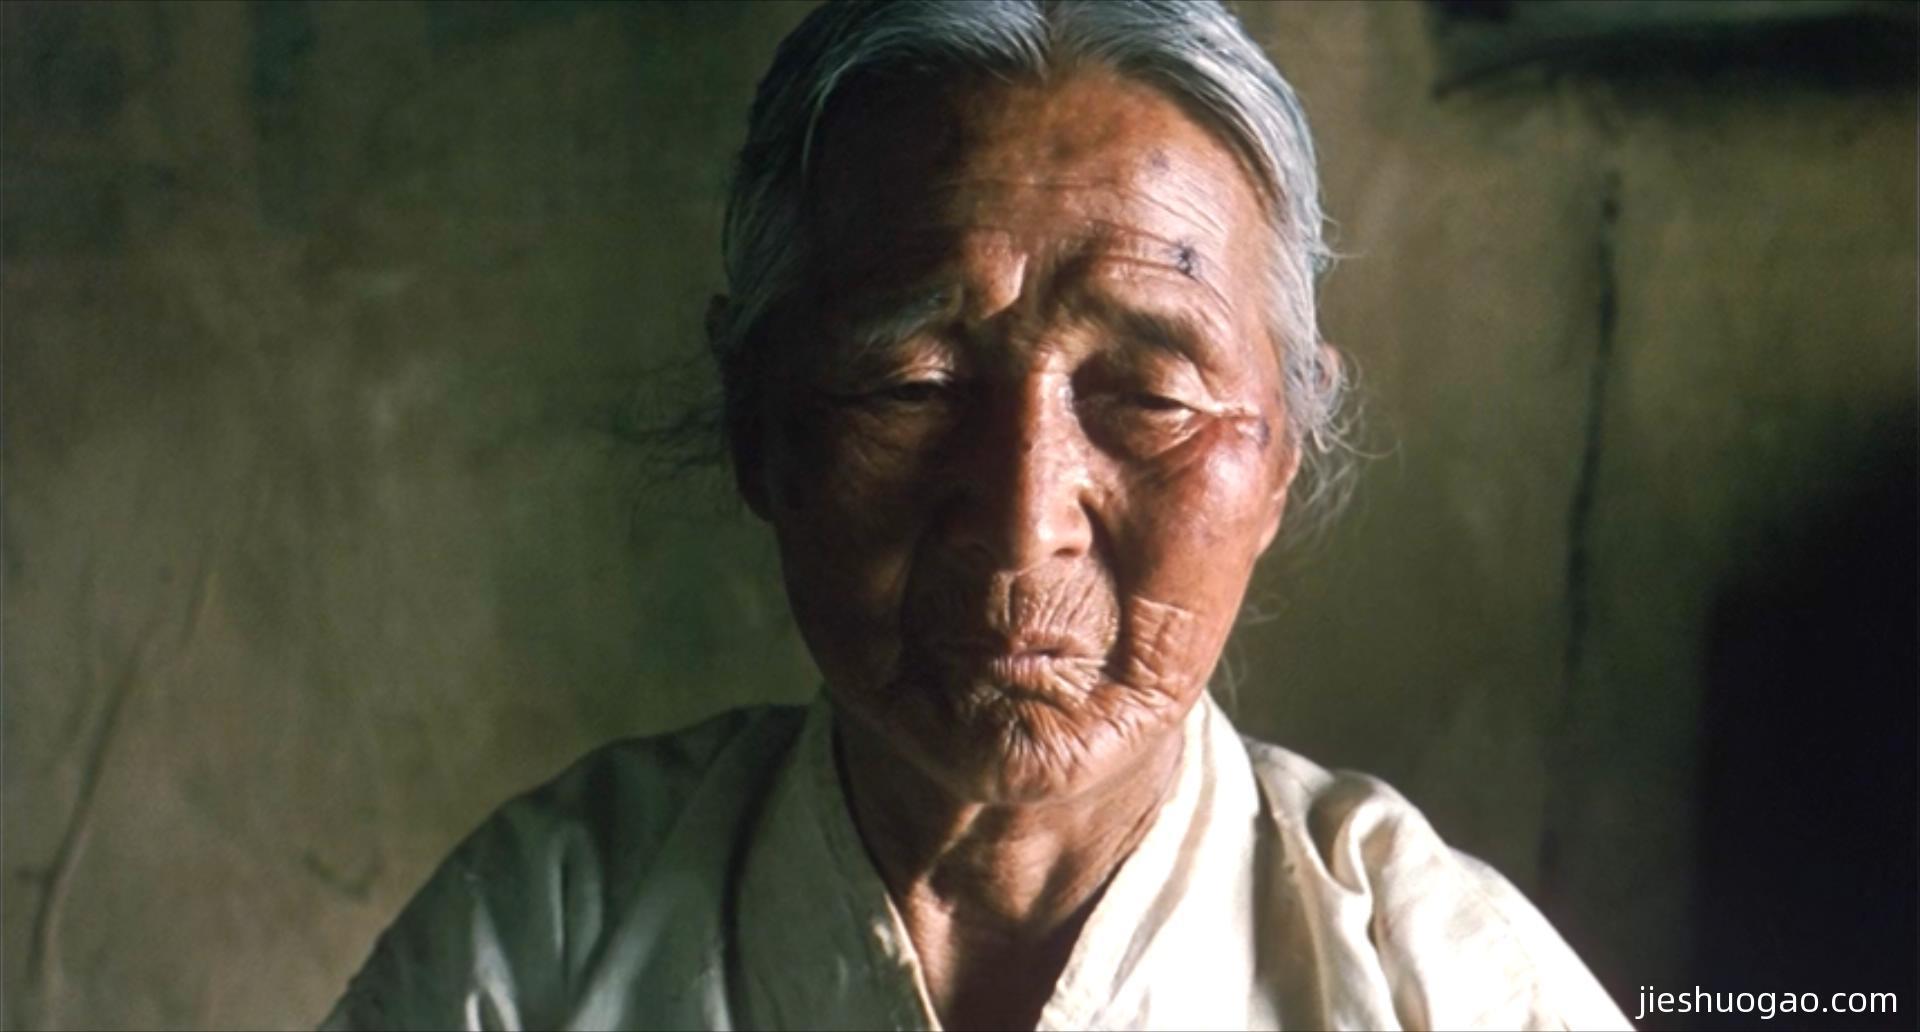 城里的孩子,乡下的外婆 |《外婆的家》8分钟2810字解说稿-第1张图片